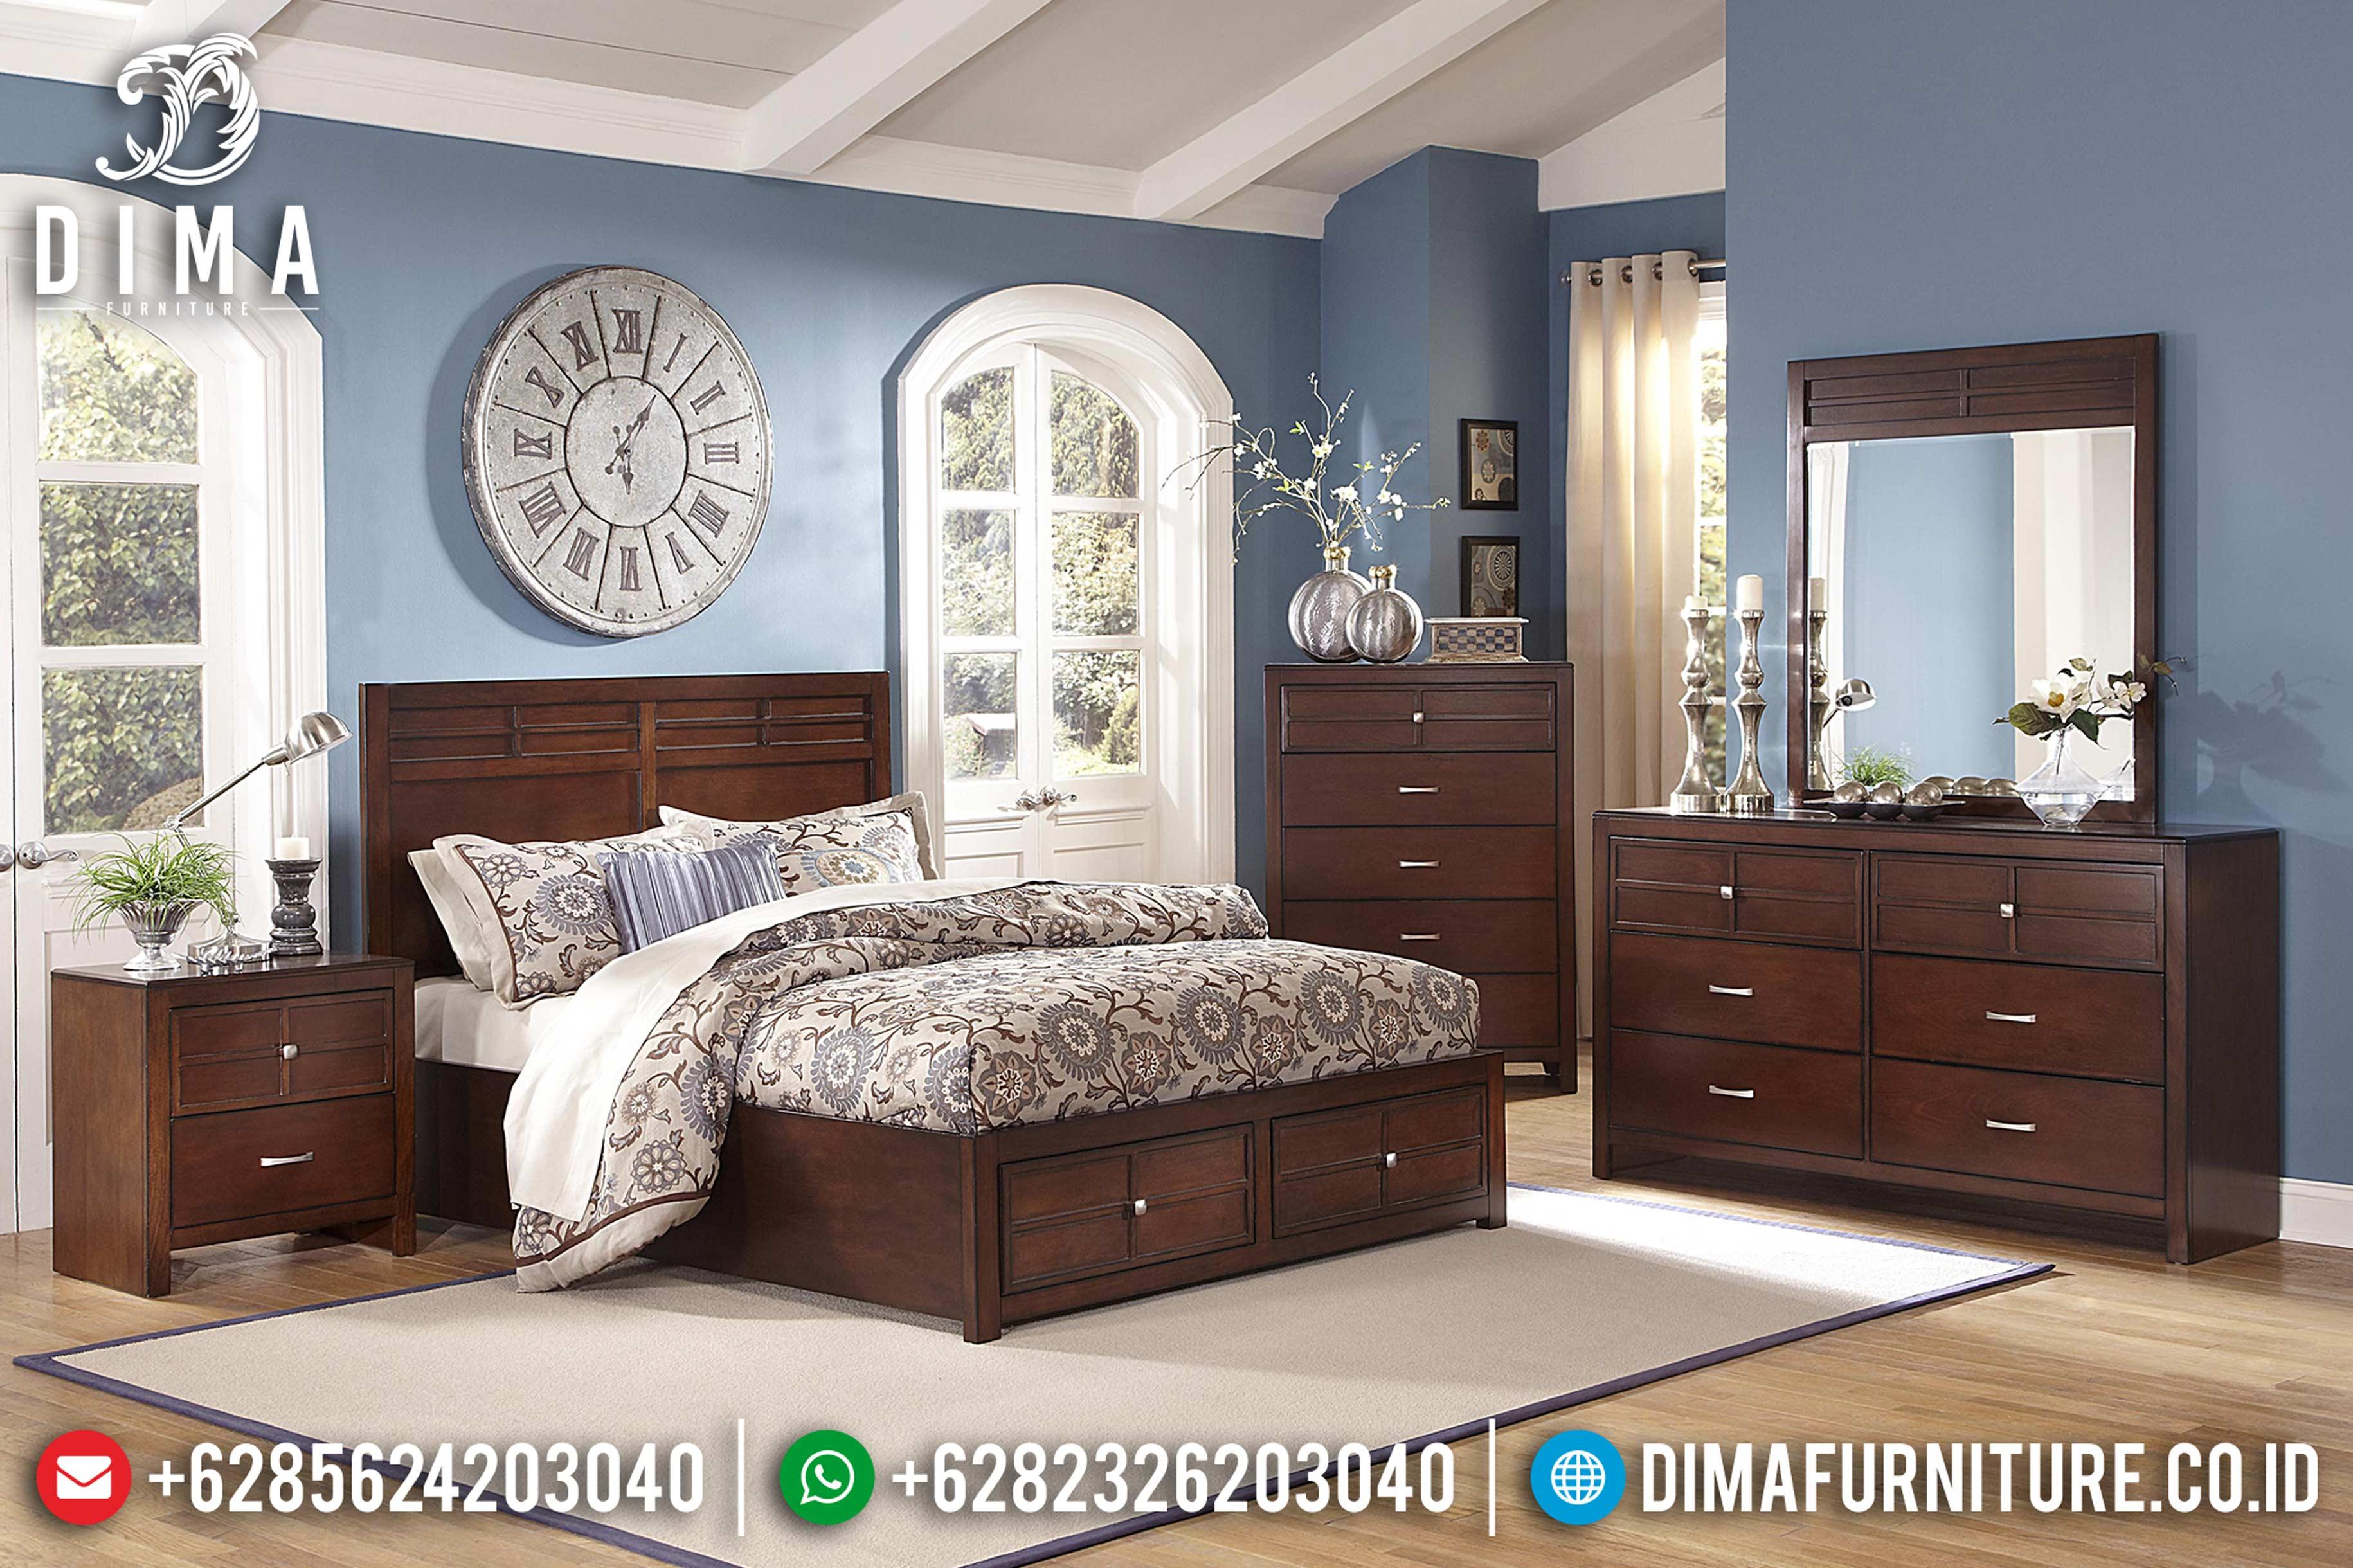 Jual Set Tempat Tidur Jepara Minimalis Jati DF-0894